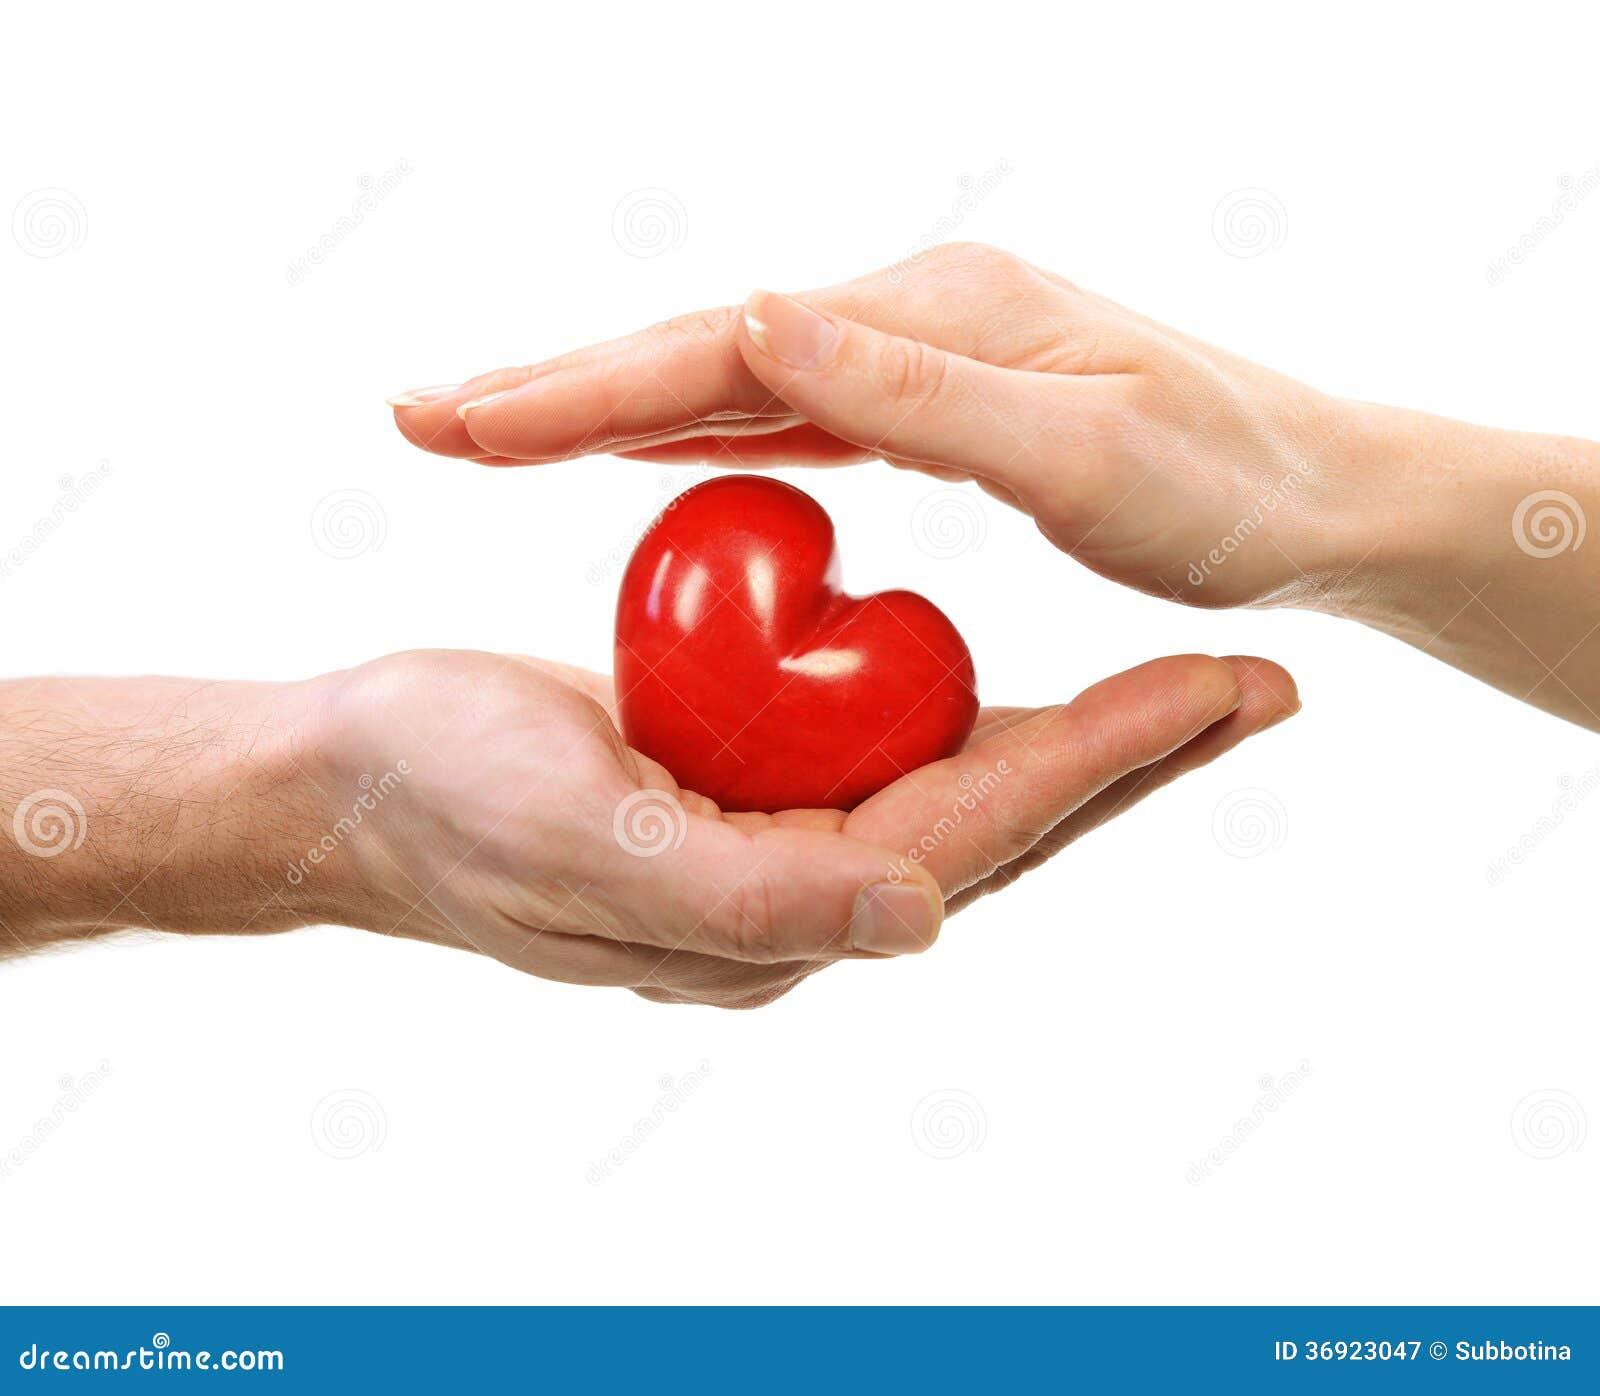 Walentynki serce w rękach